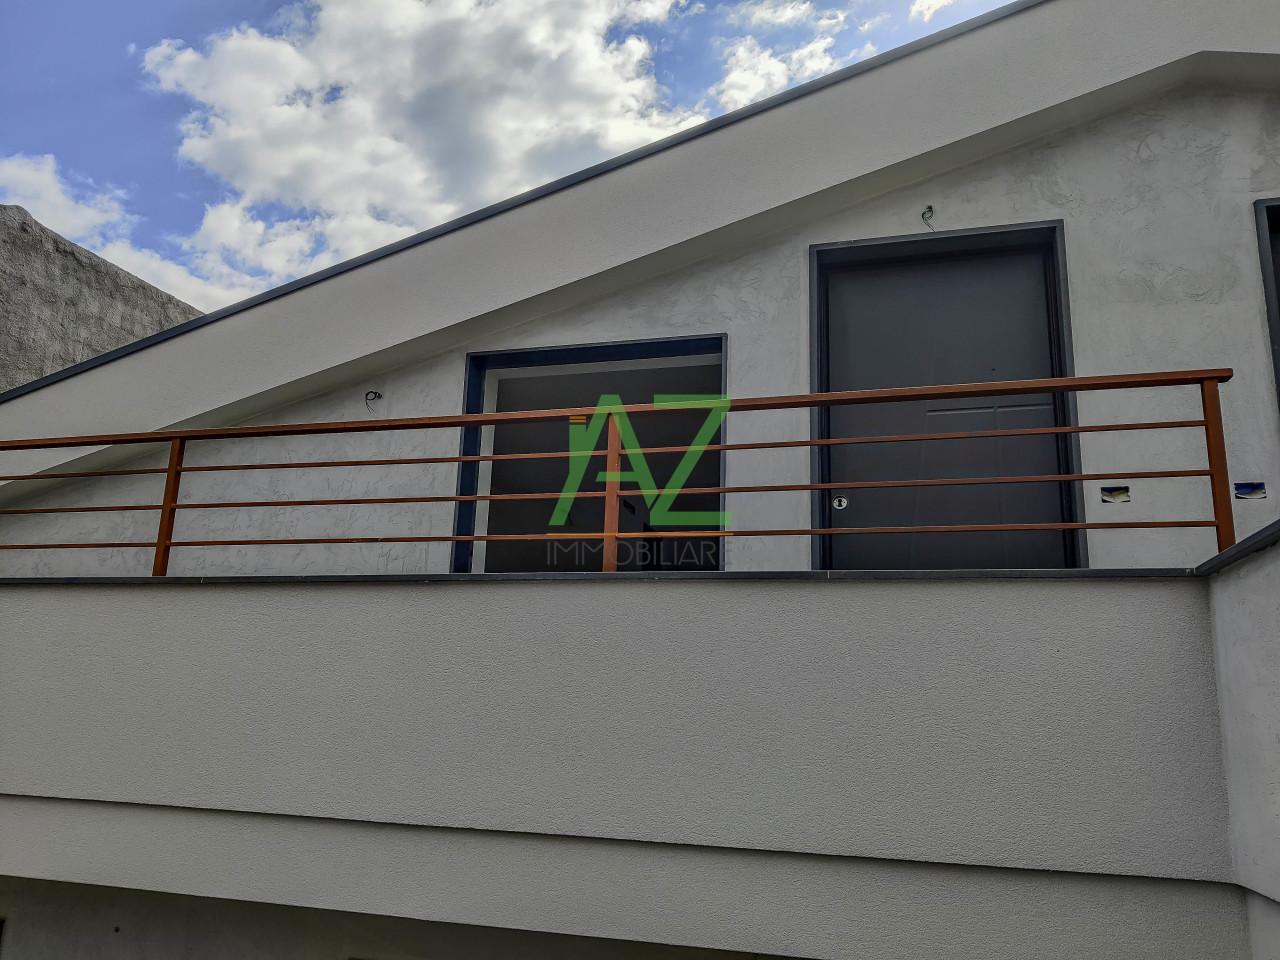 Attico / Mansarda in vendita a Aci Bonaccorsi, 3 locali, prezzo € 97.000 | PortaleAgenzieImmobiliari.it